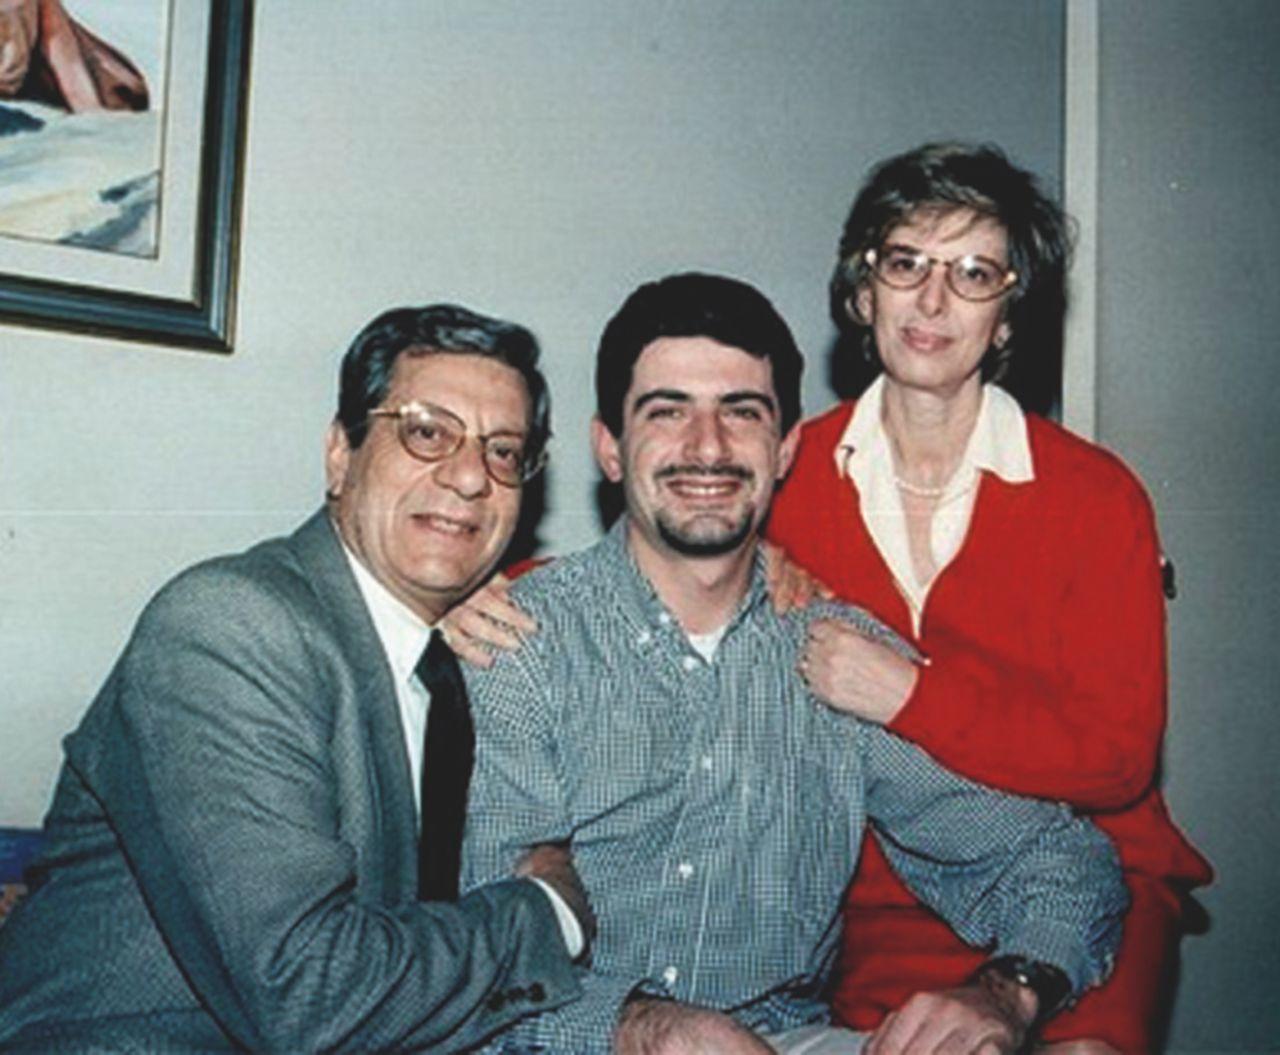 Attilio Manca non fu ucciso. Basta teorie del complotto